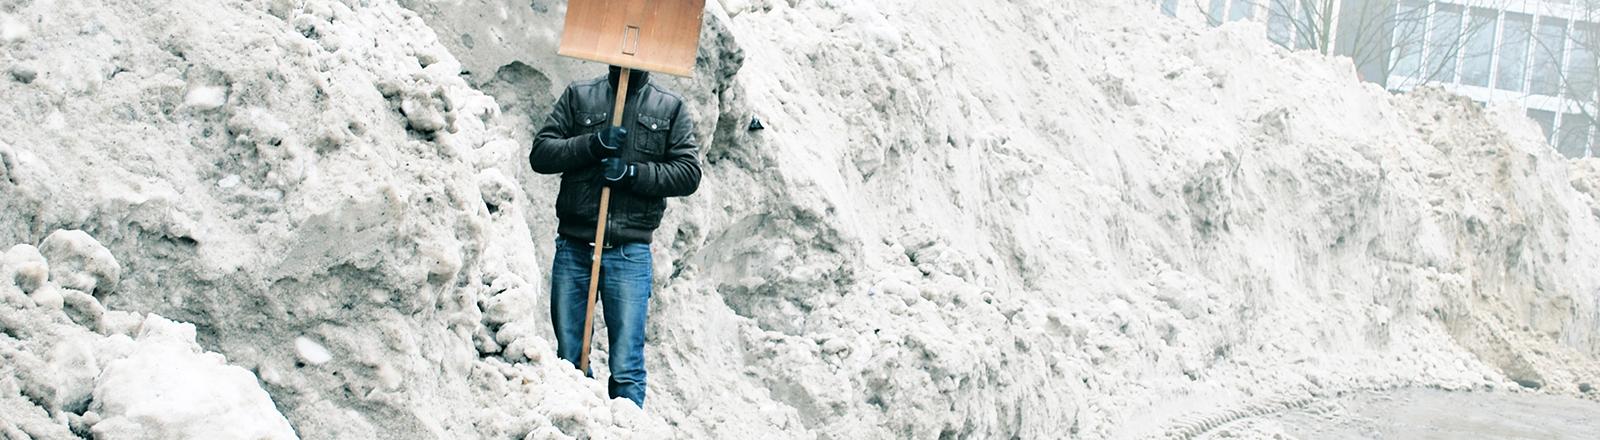 Ein Mann versteckt sein Gesicht hinter einer Schneeschippe; er steht vor einem riesigen Schneeberg in einer Stadt.